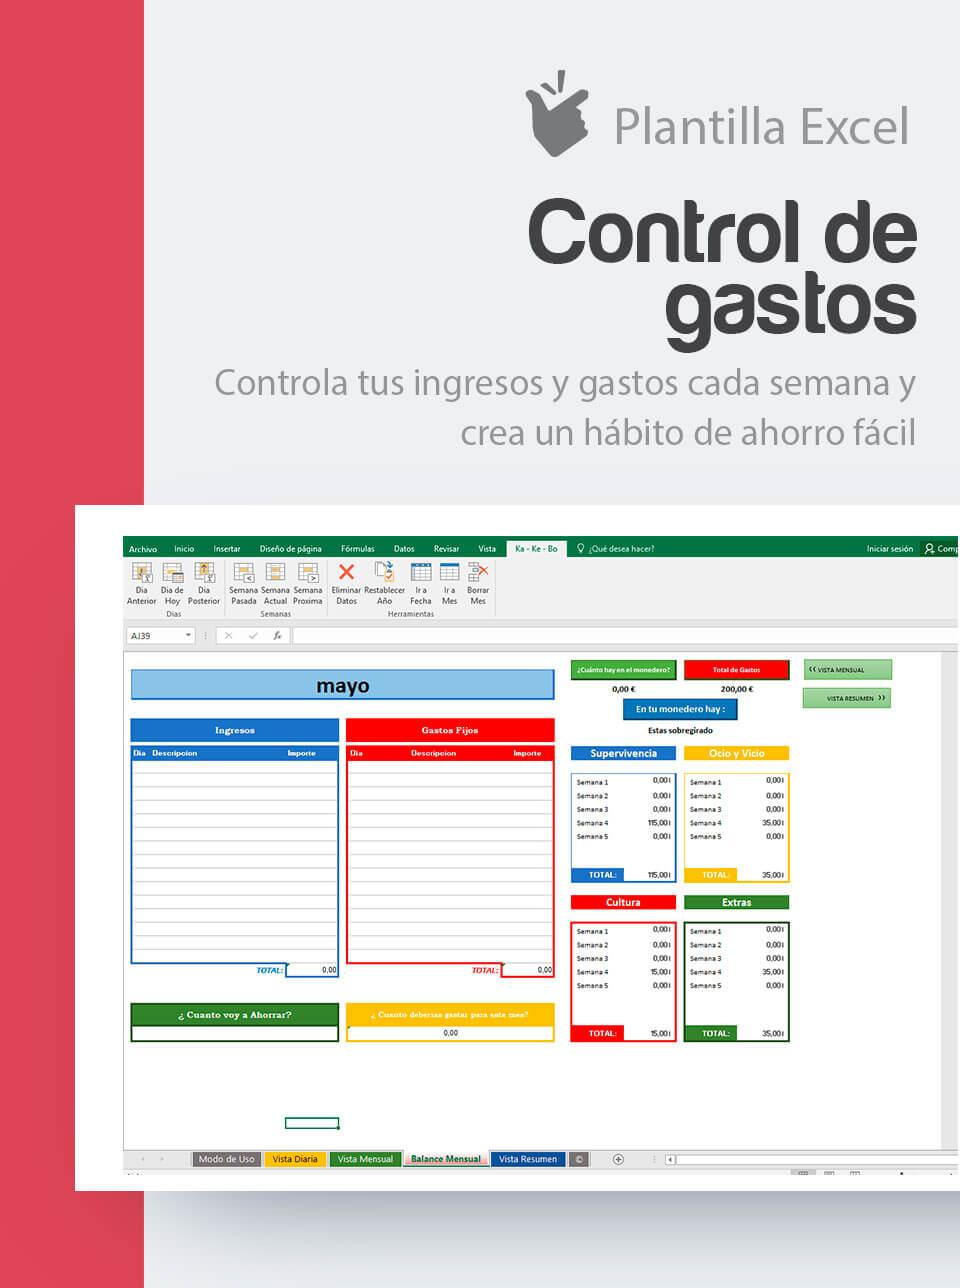 plantilla control de gastos excel ahorro familiar control gastos